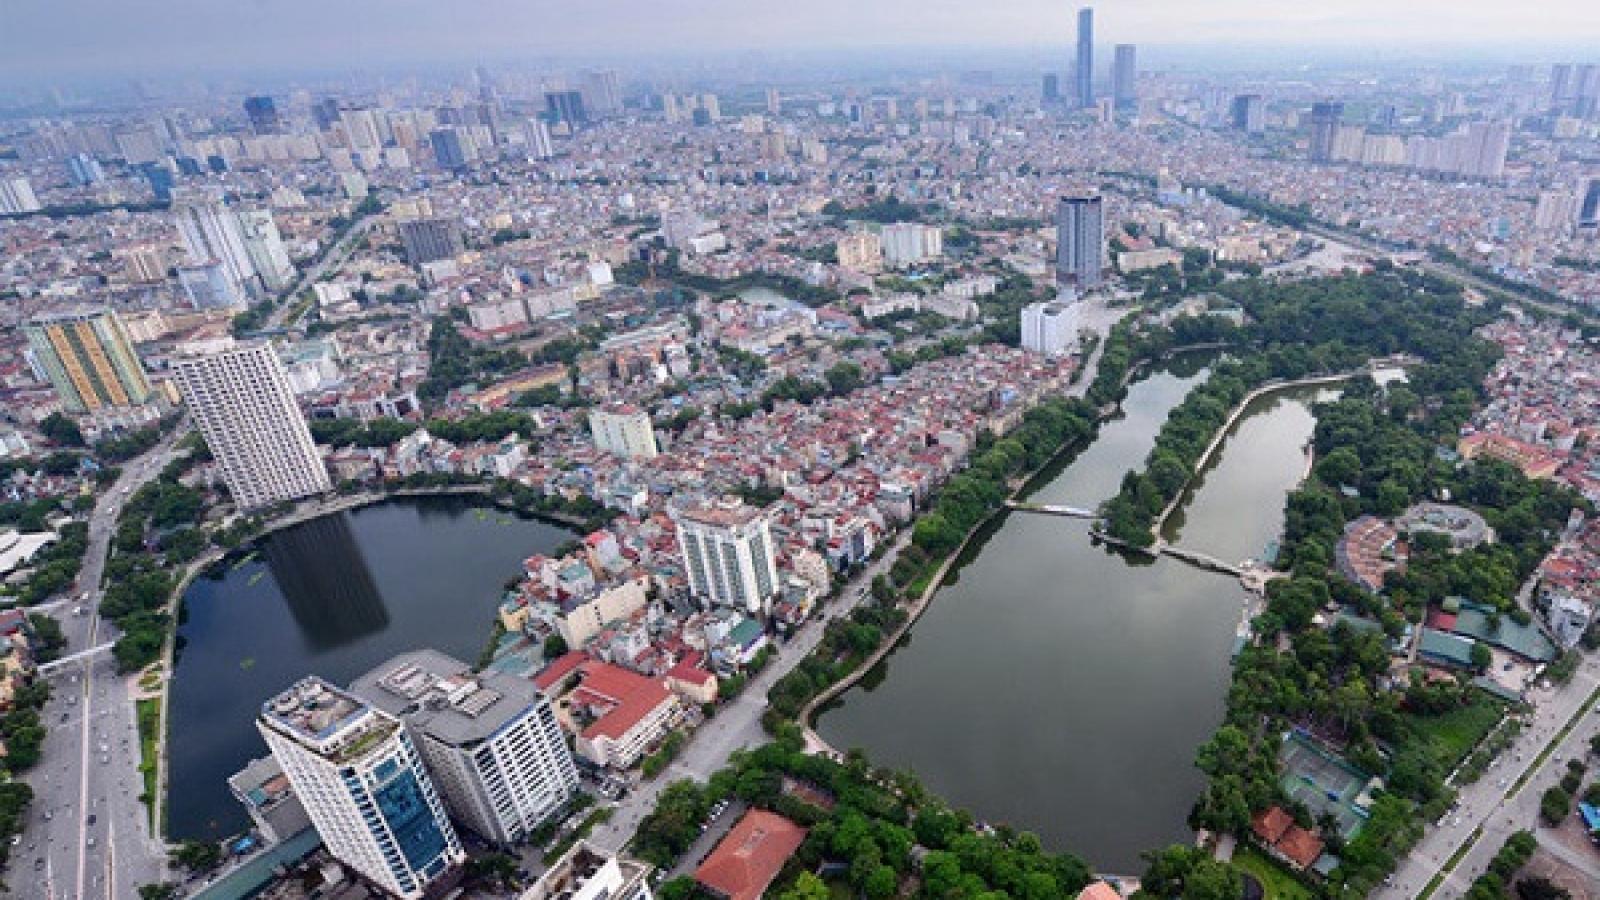 Quy hoạch phân khu nội đô Hà Nội: Cần công khai những nhóm đối tượng ở lại và di dời